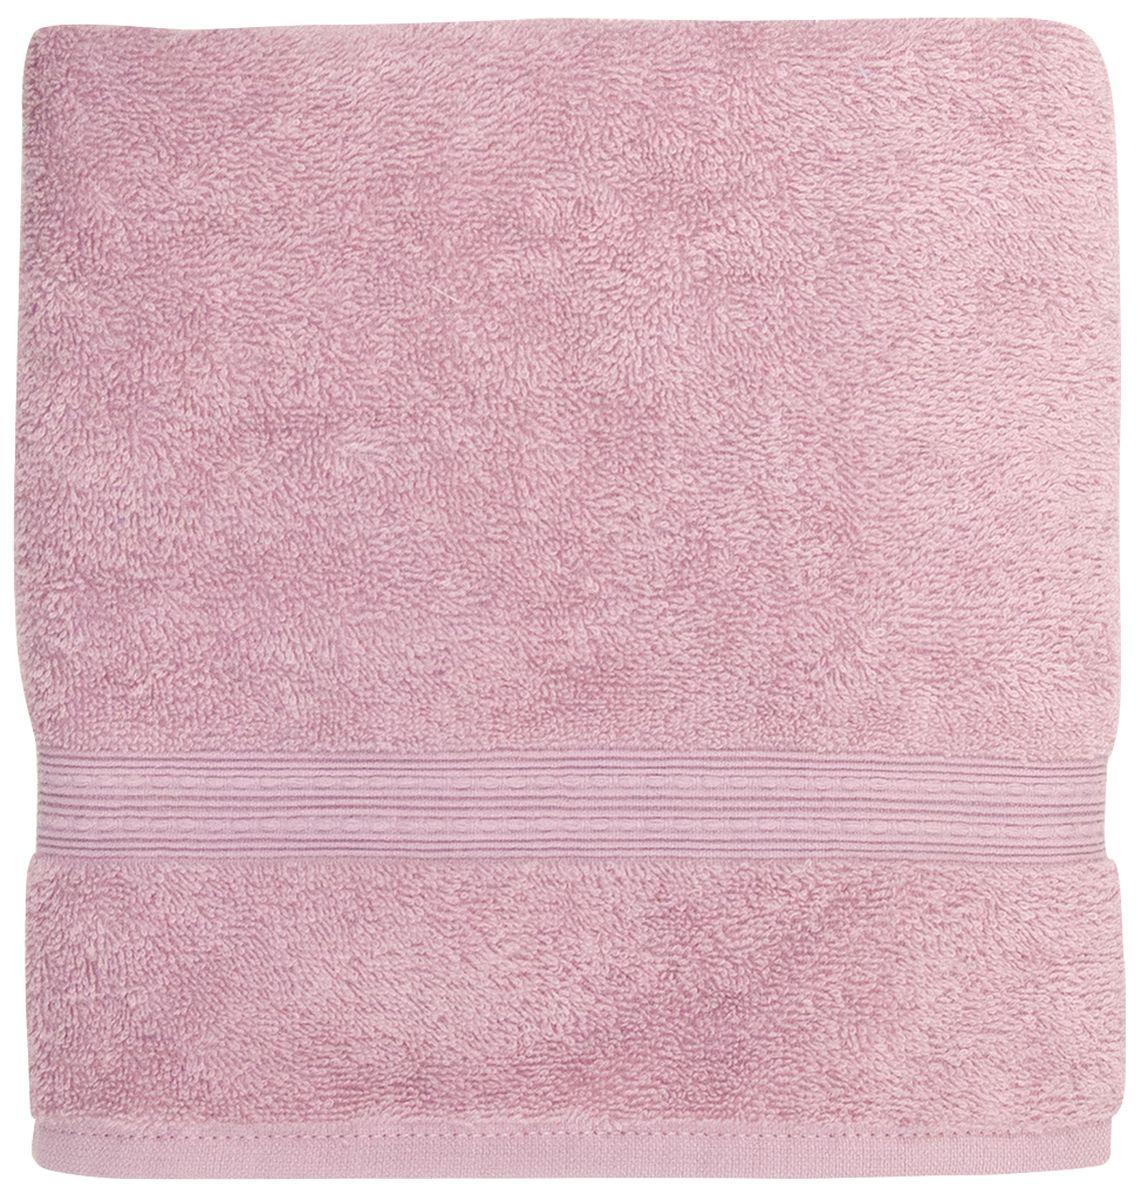 Полотенце банное Bonita Classic, цвет: лаванда, 50 x 90 см1011217217Банное полотенце Bonita Classic выполнено из 100% хлопка. Изделие отлично впитывает влагу, быстро сохнет, сохраняет яркость цвета и не теряет форму даже после многократных стирок. Такое полотенце очень практично и неприхотливо в уходе. Оно создаст прекрасное настроение и украсит интерьер в ванной комнате.